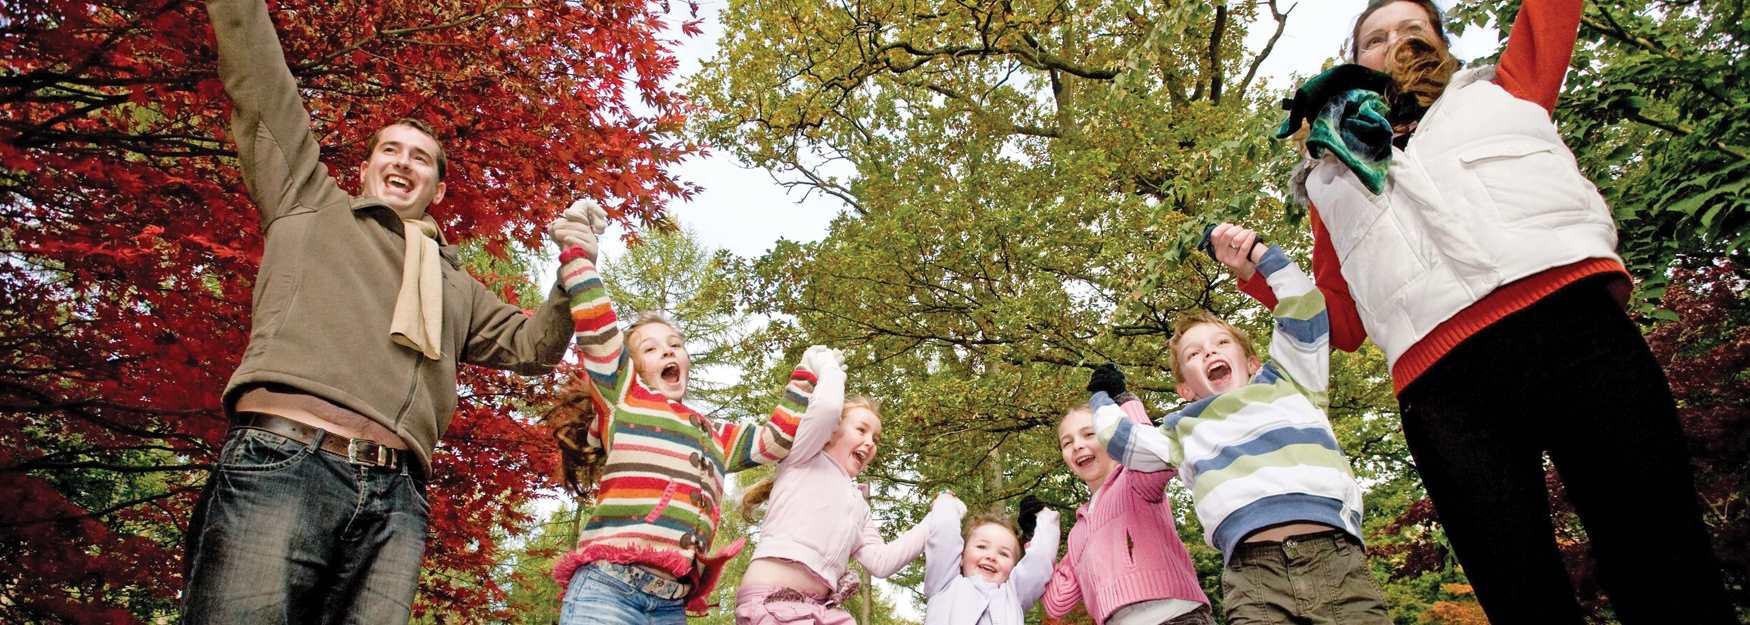 Family at Westonbirt Arboretum